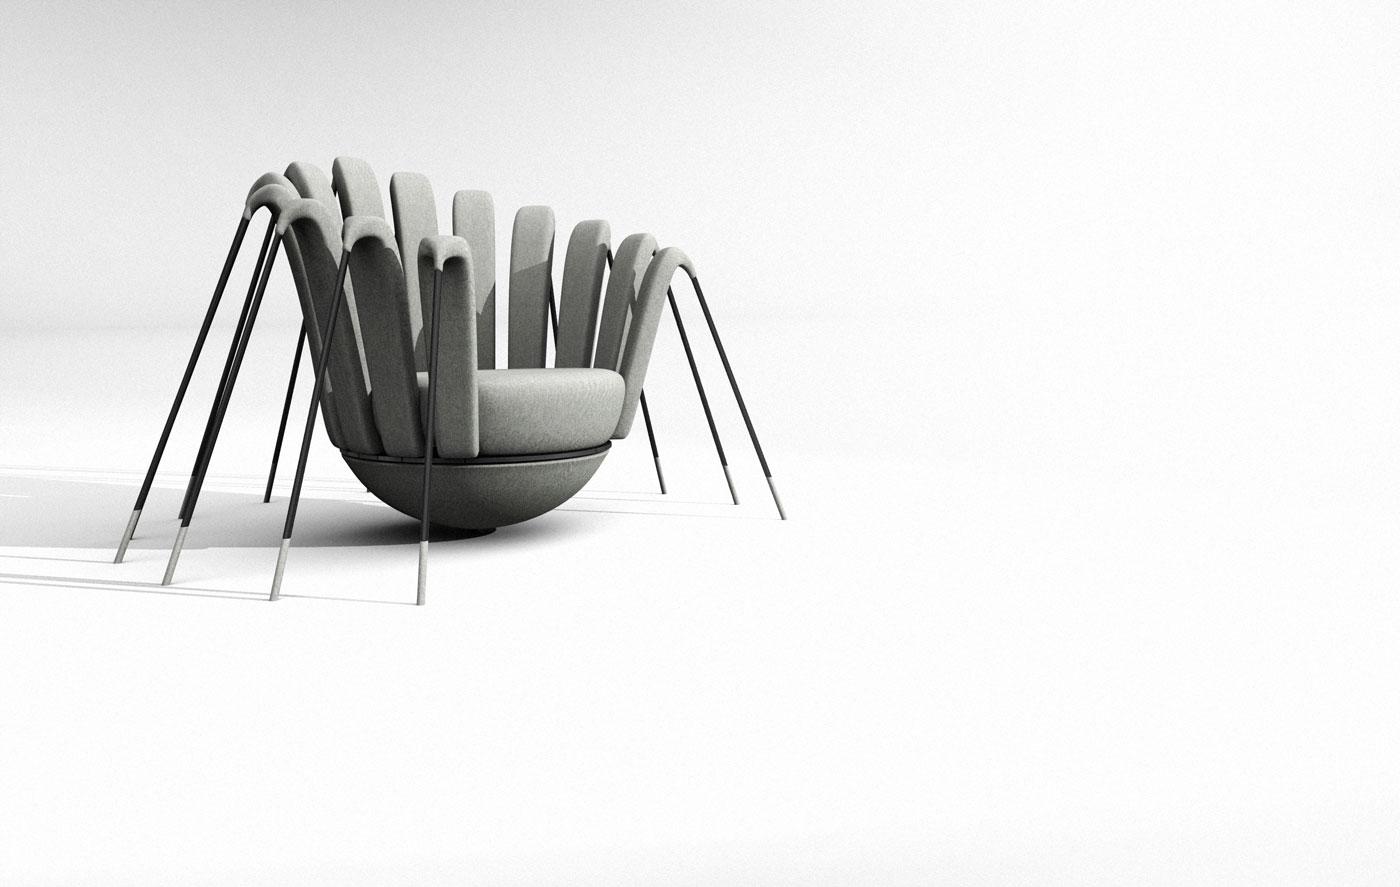 Les araign es de marc ange id es d co meubles et for Meuble angele circulaire